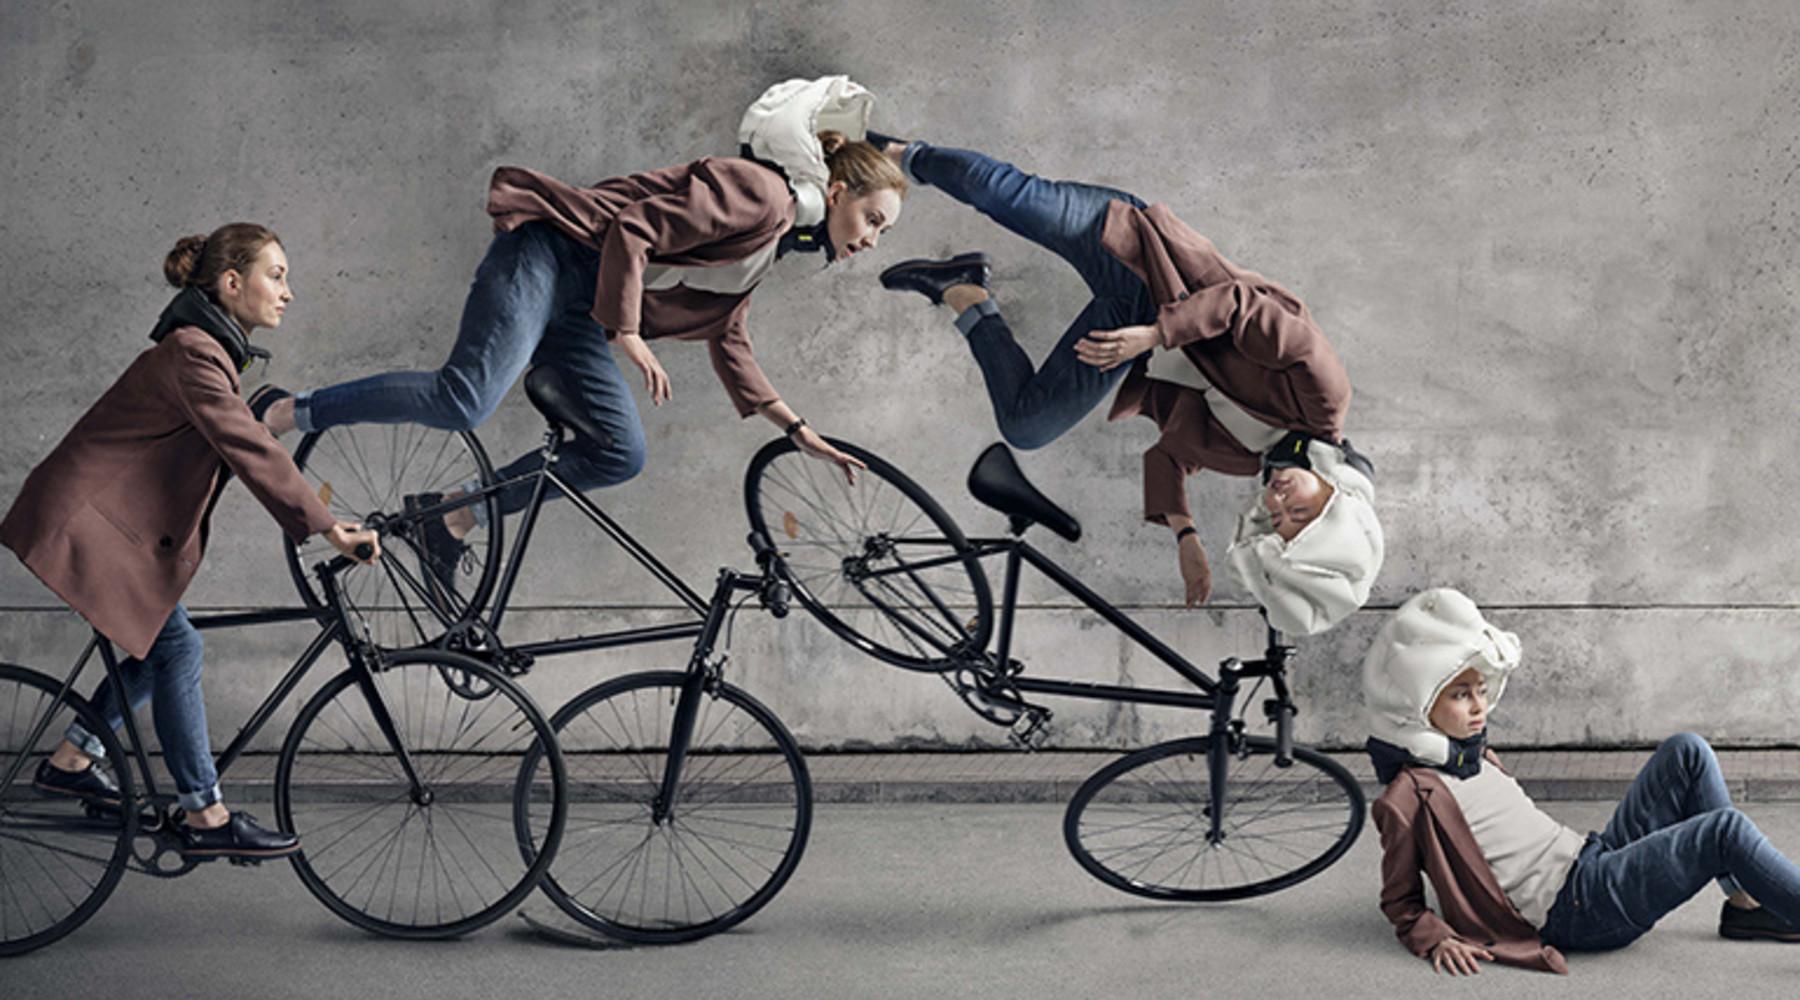 Hövding airbag voor fietsers